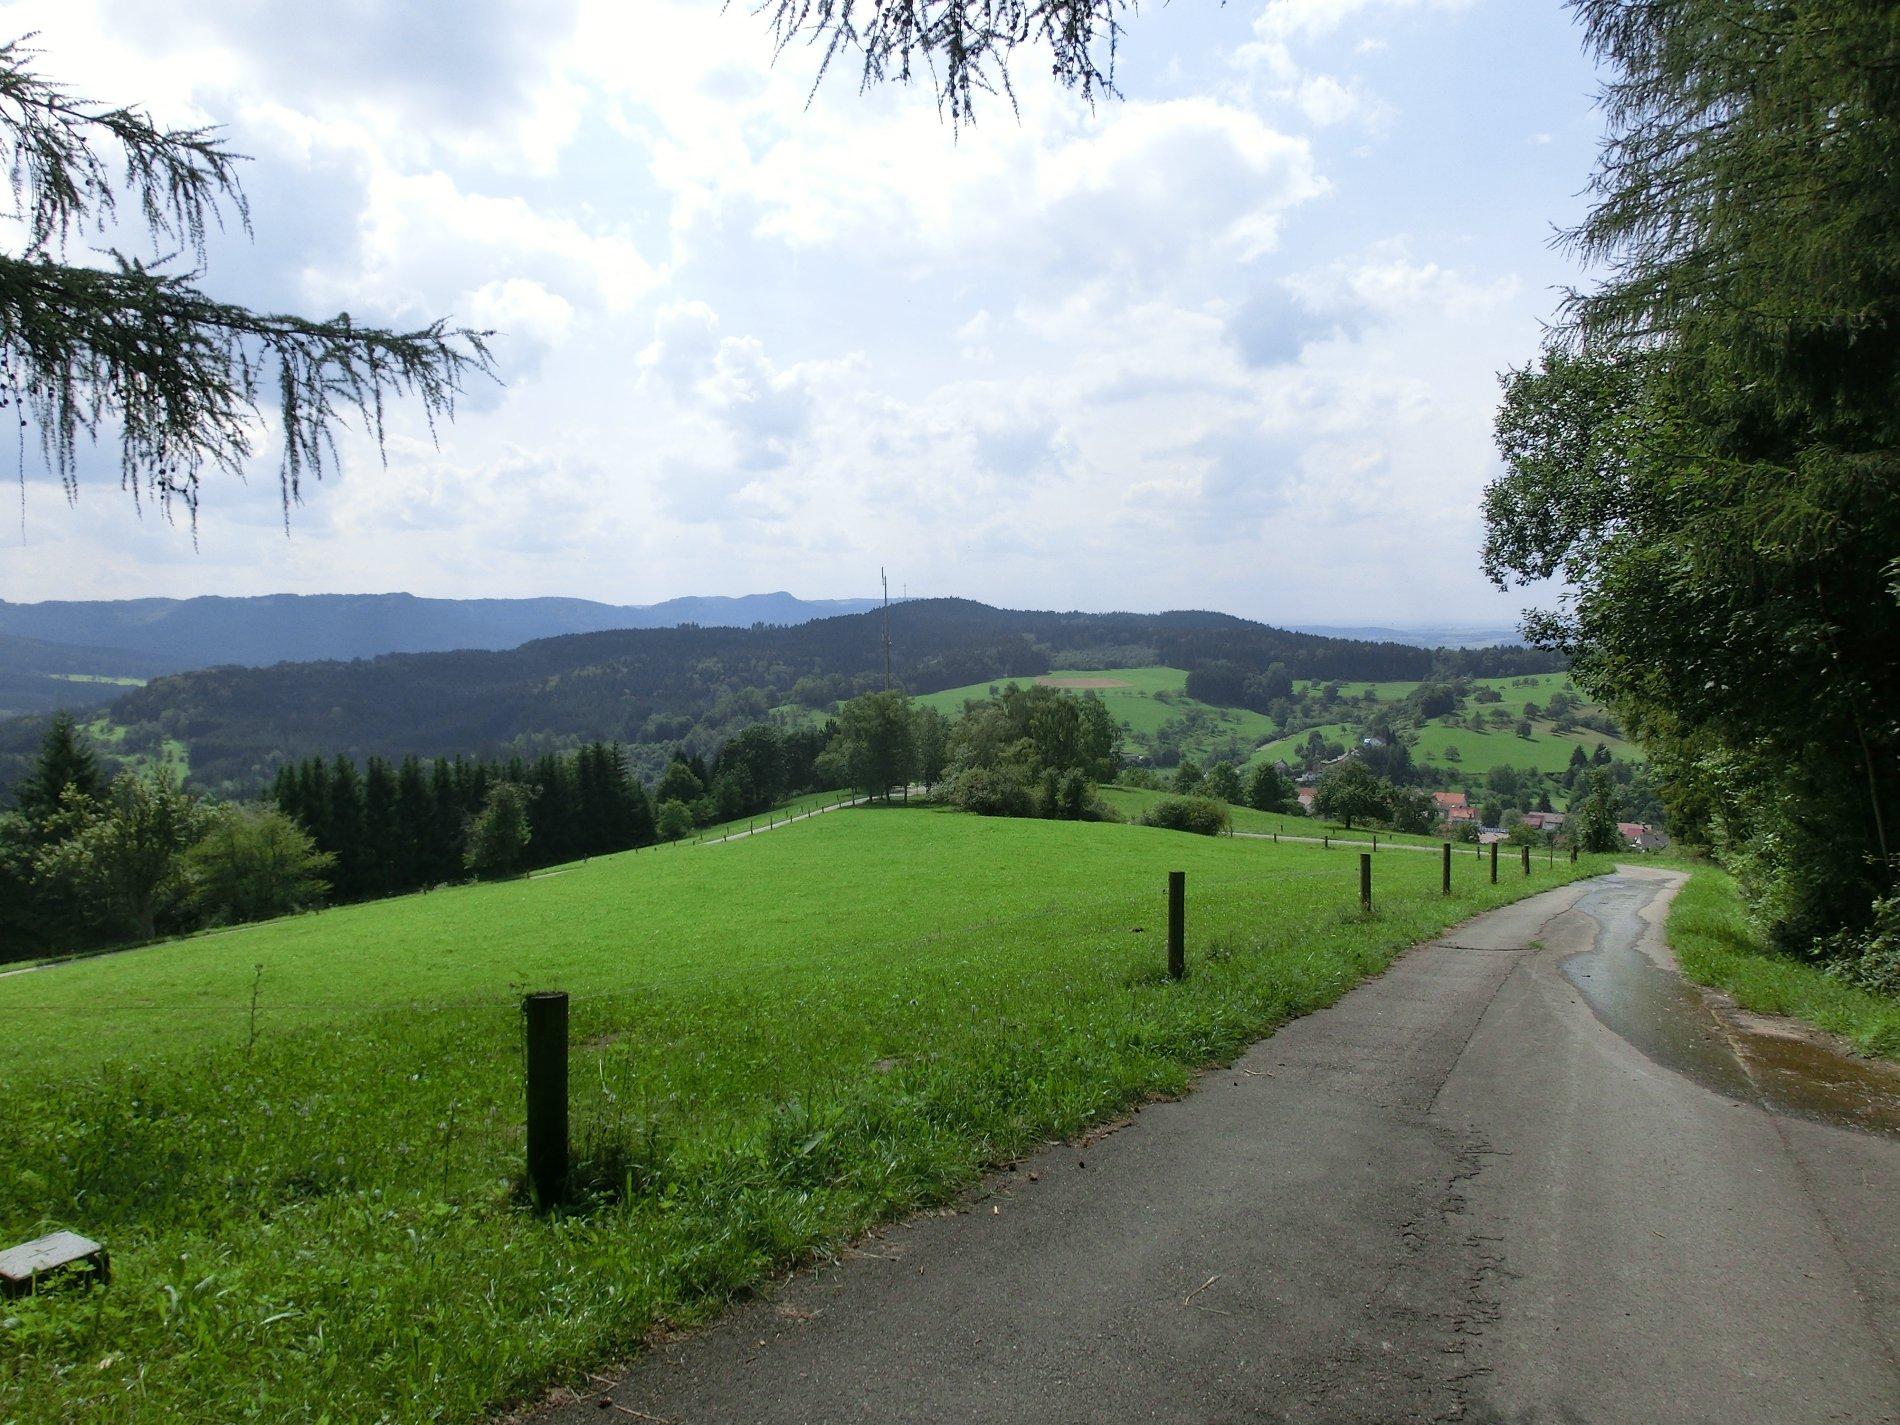 Wanderweg mit Blick über grüne Wiesen auf die Berge der Zollernalb